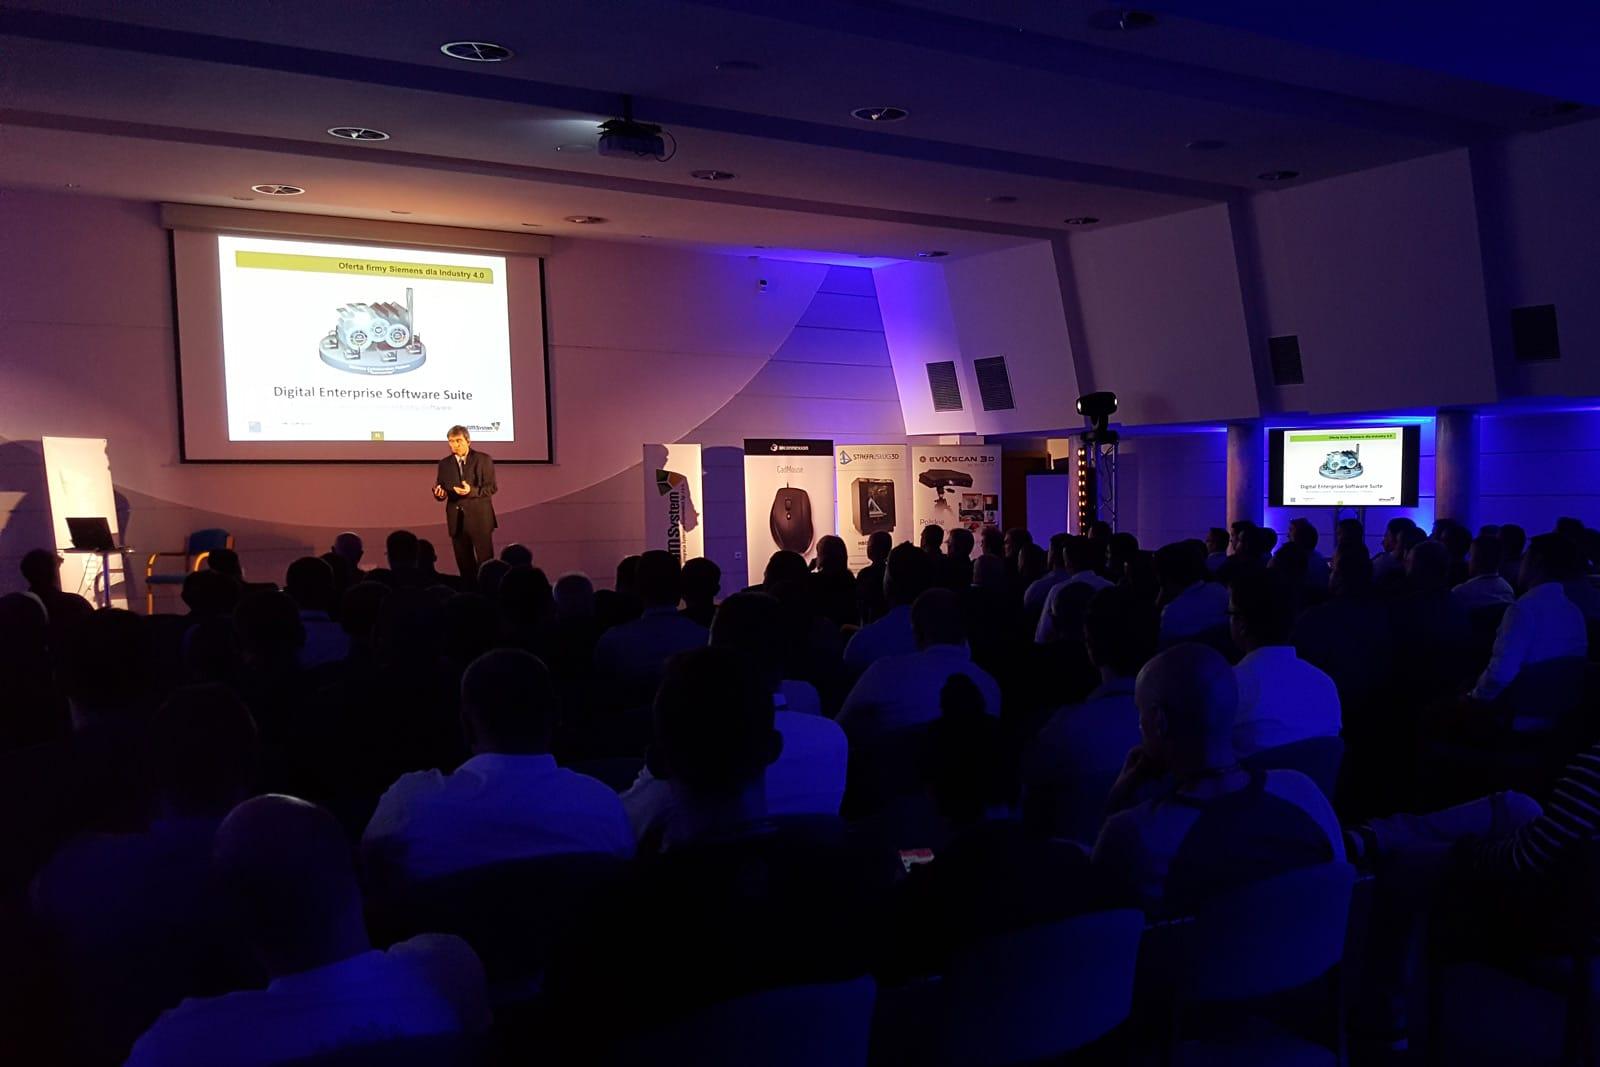 Szkolenia i konferencje we Wrocławiu - DSTagency